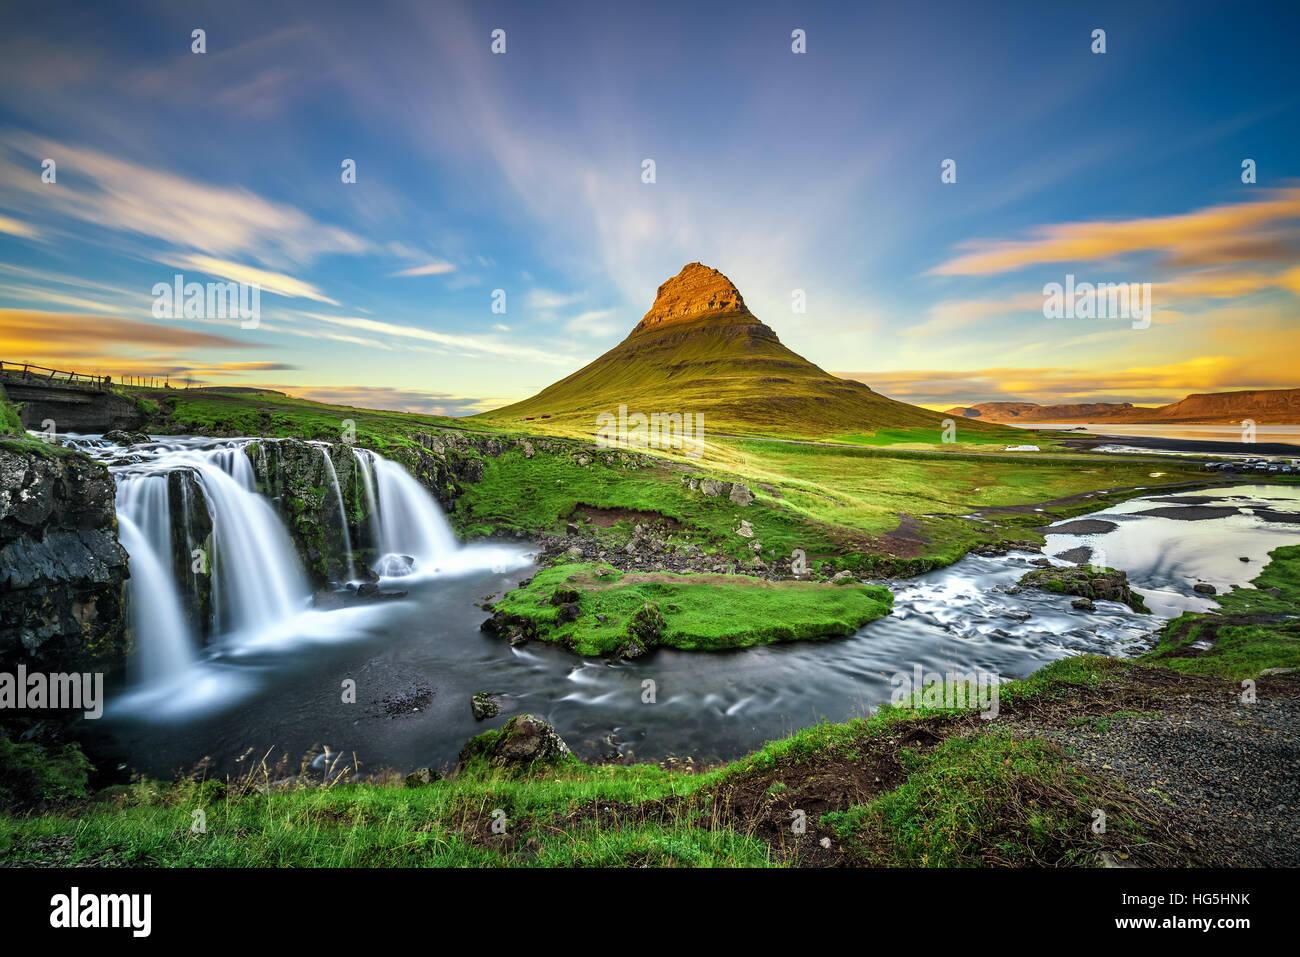 Verano atardecer en la famosa montaña Kirkjufell Kirkjufellsfoss cascada con en el fondo en Islandia. Imagen De Stock